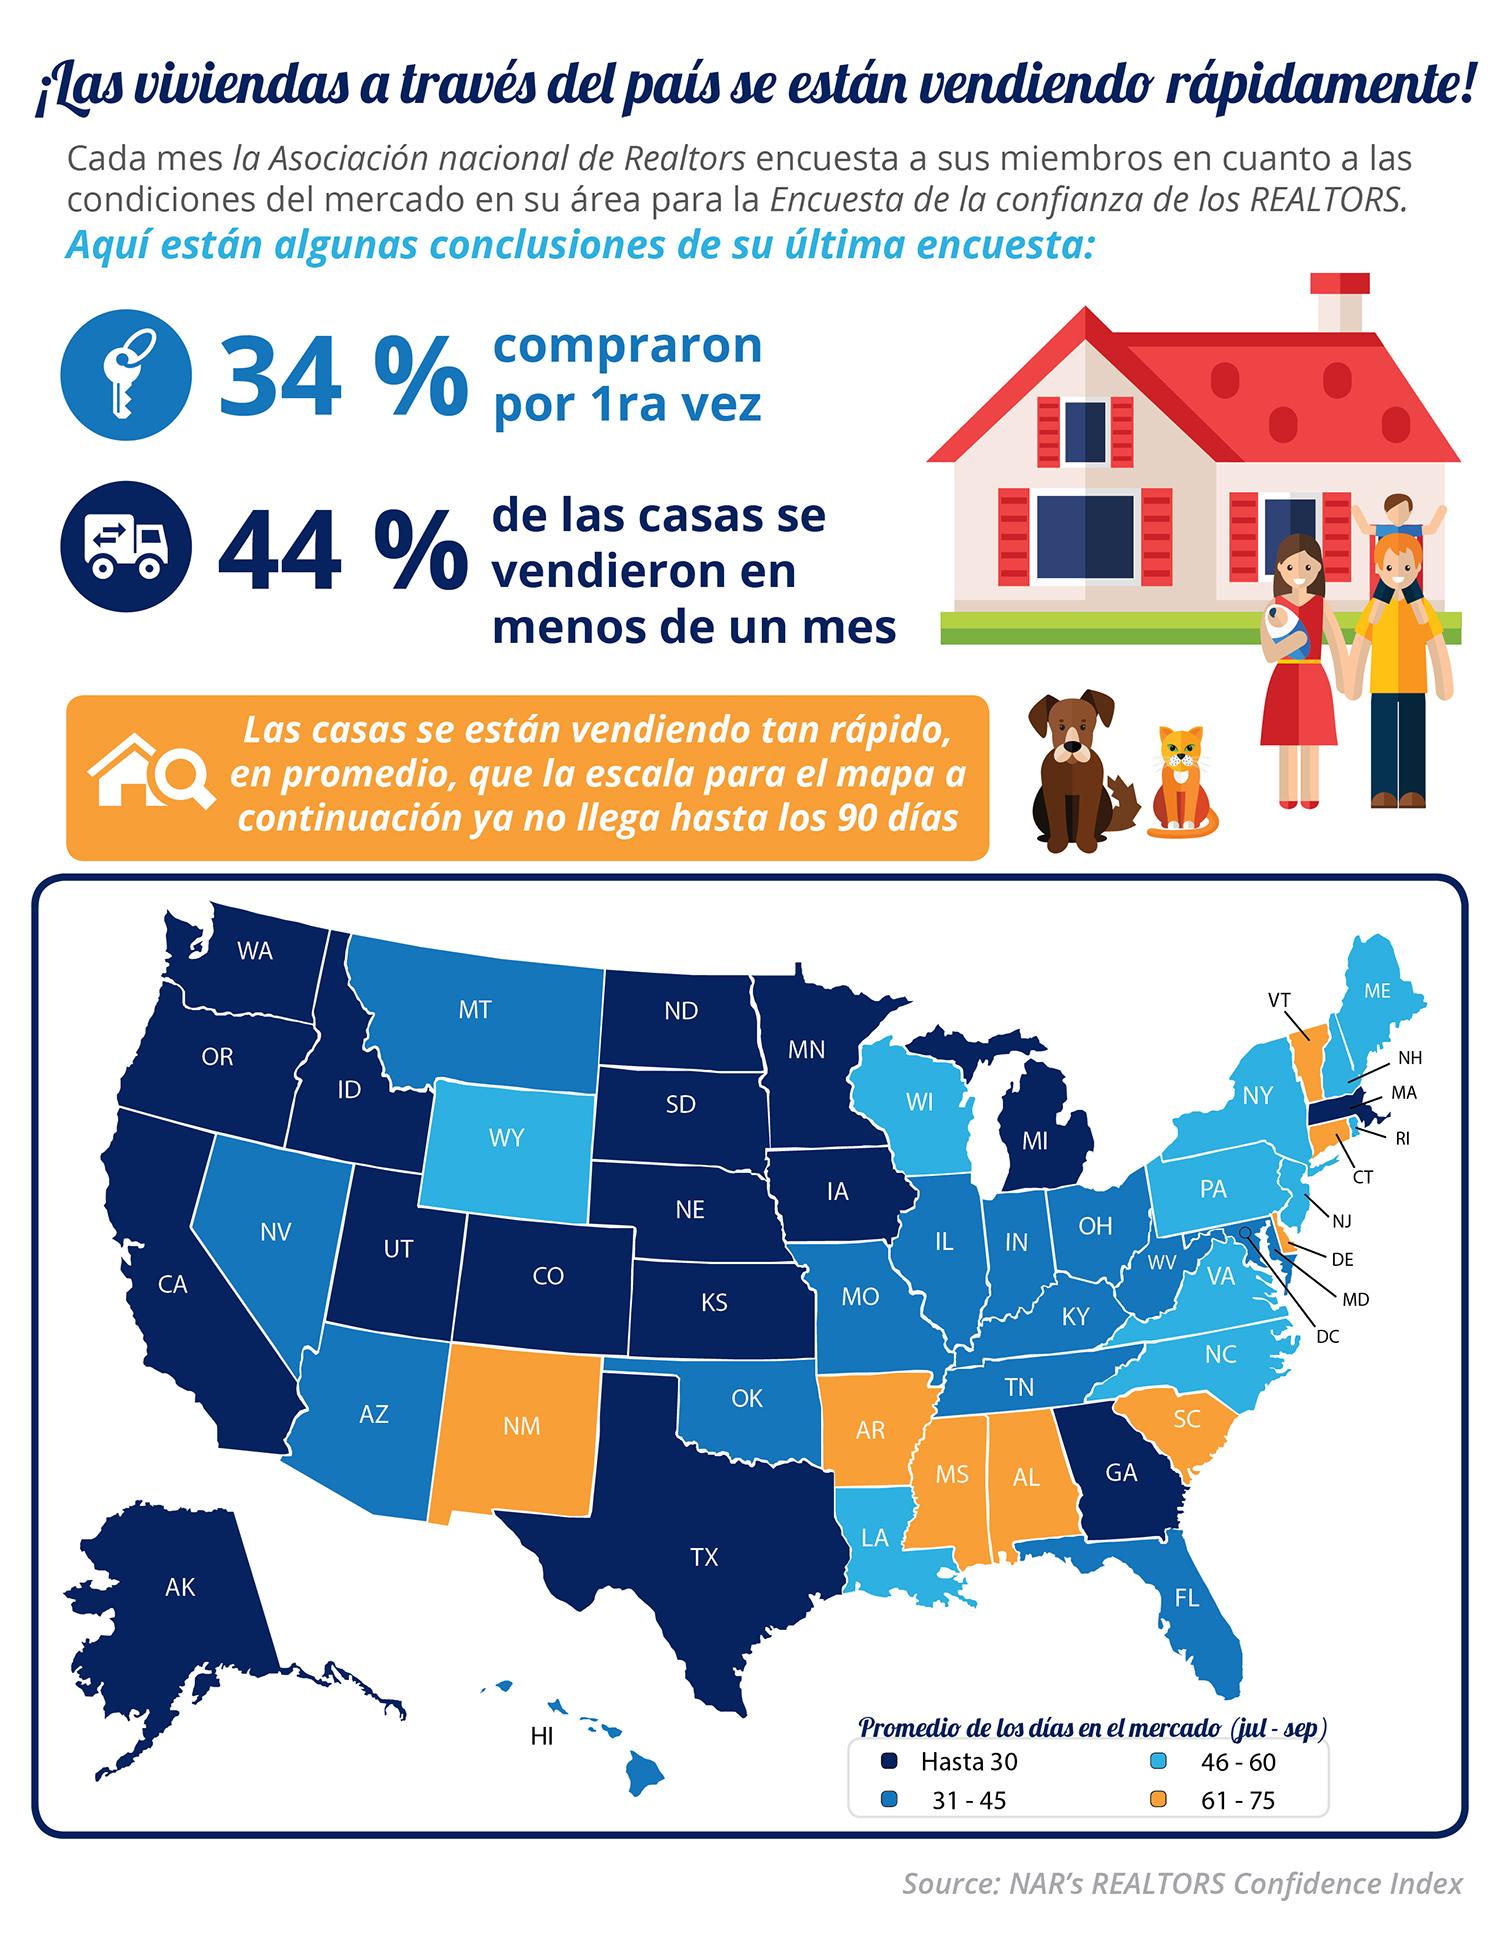 ¡Las viviendas a través del país se están vendiendo rápidamente! [infografía]   Simplifying The Market